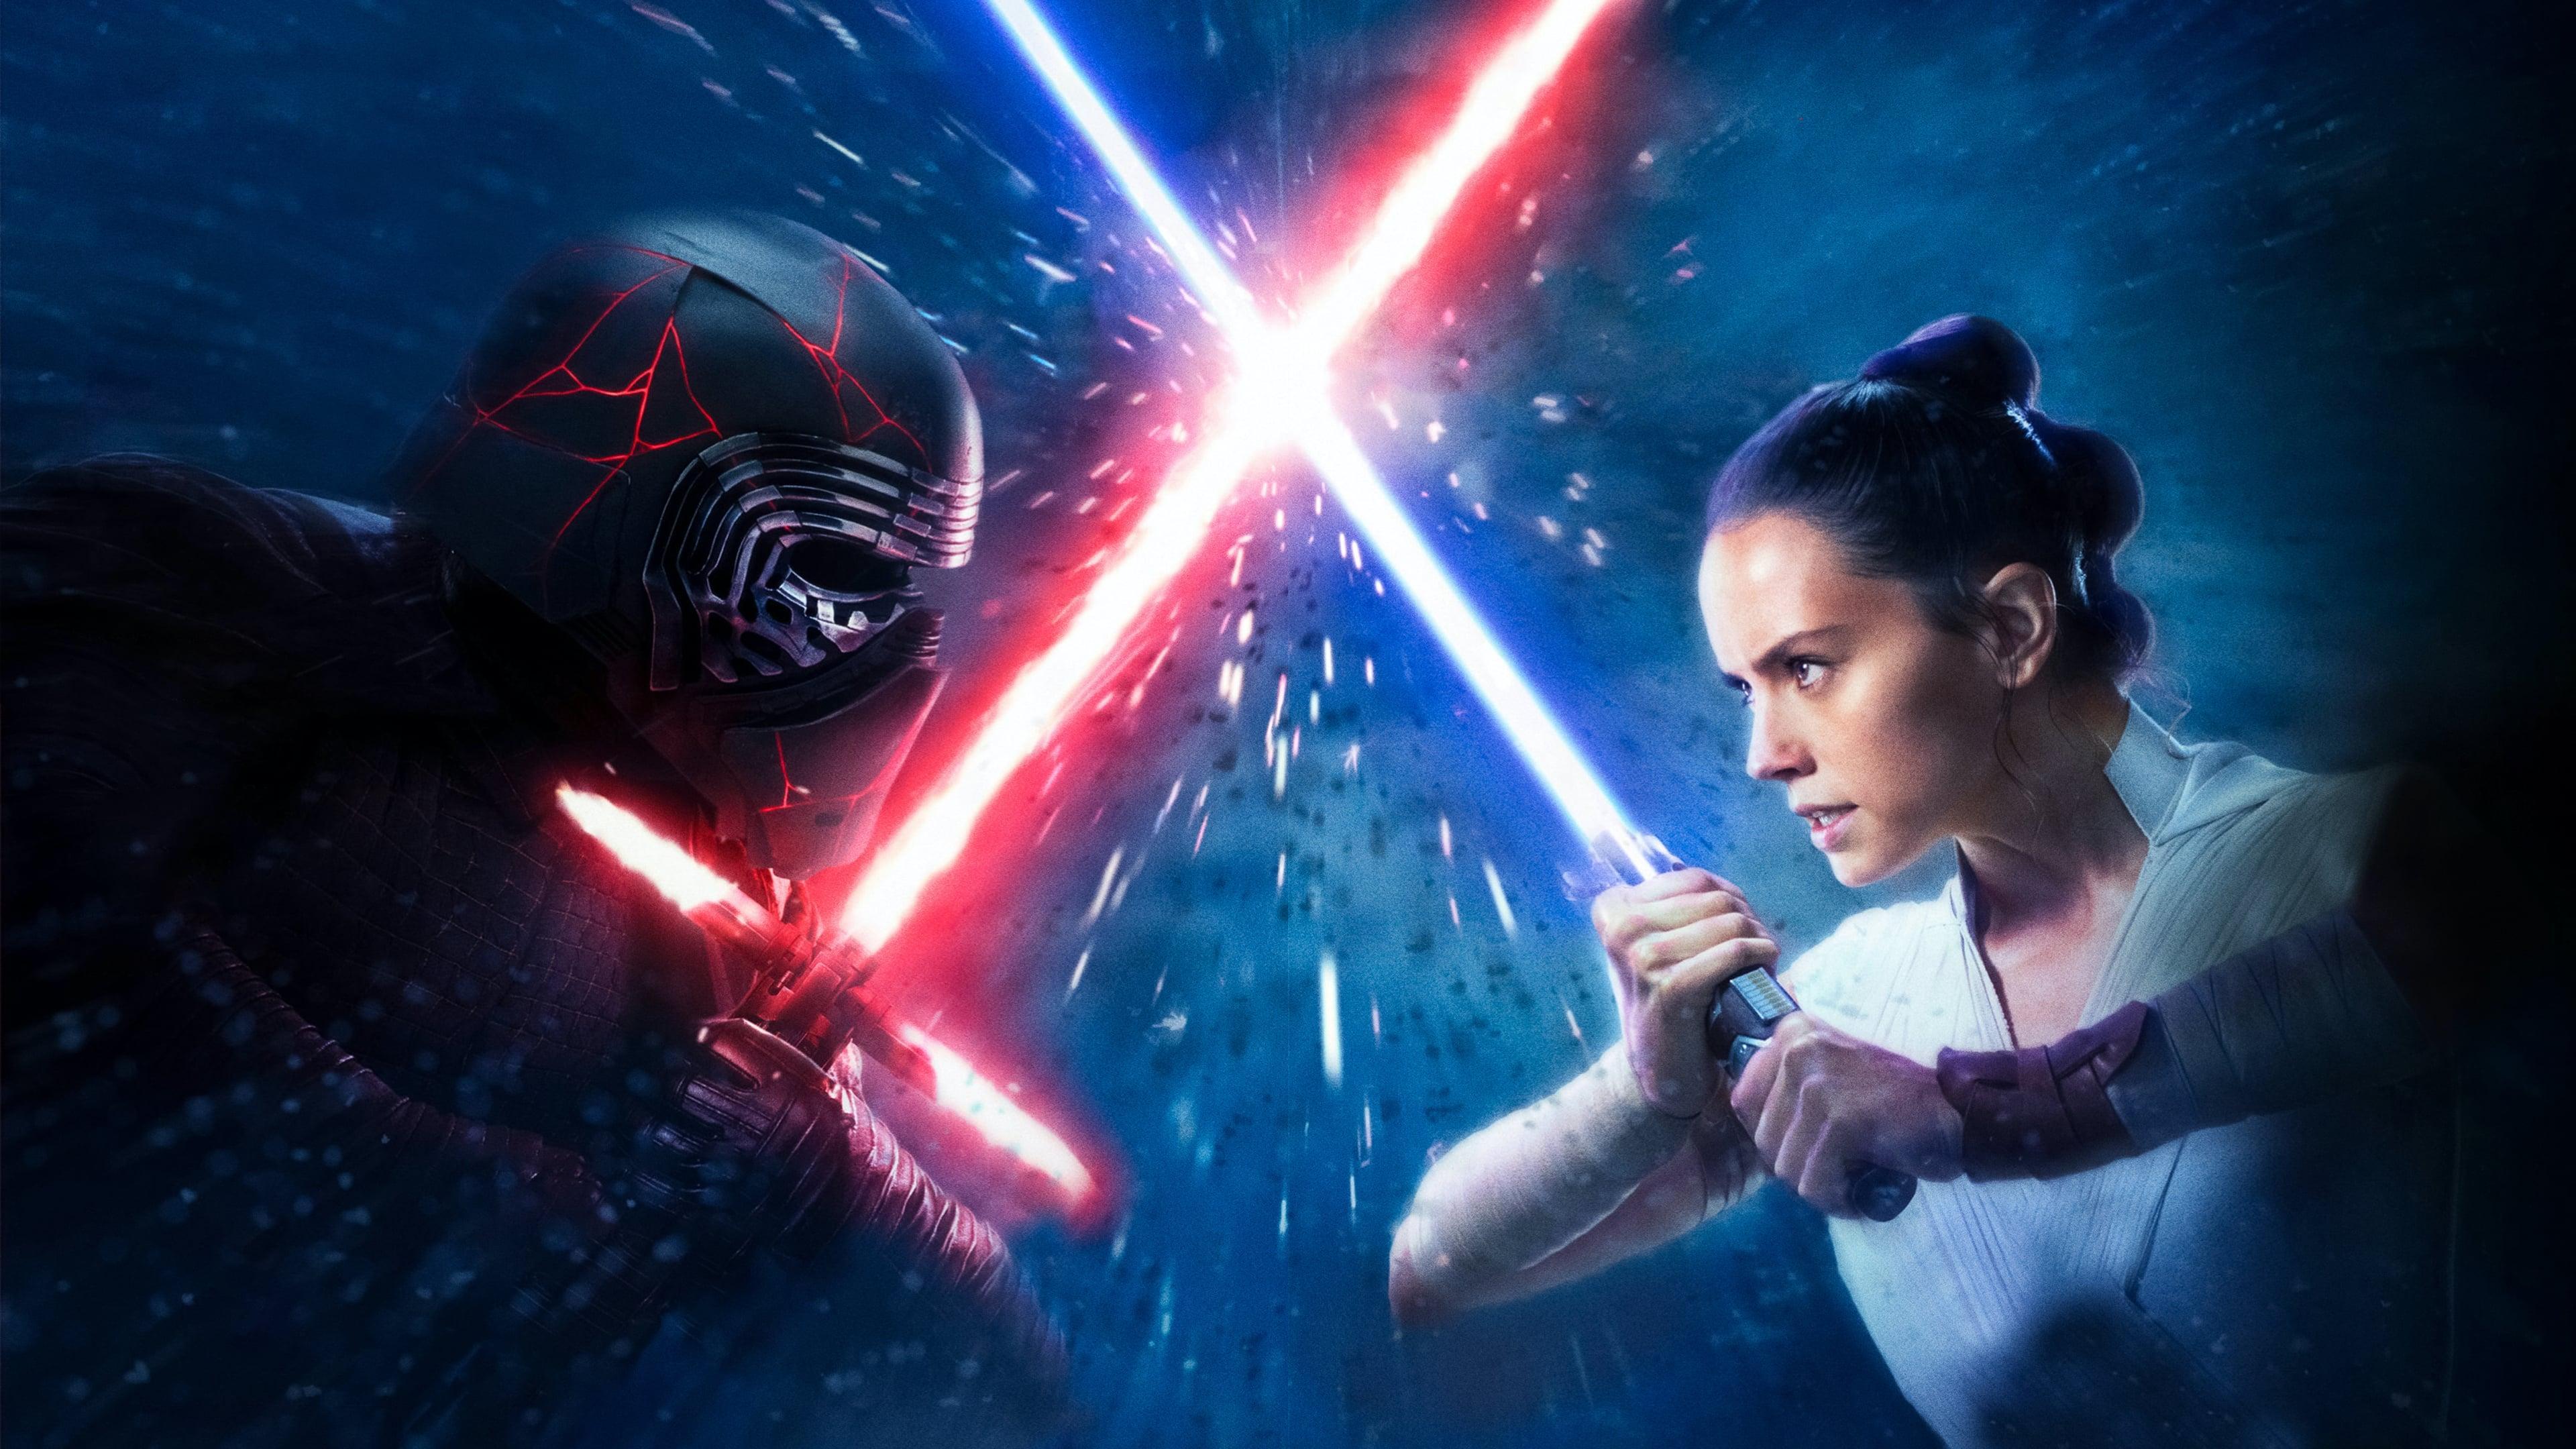 În ce ordine trebuie văzute filmele Star Wars?